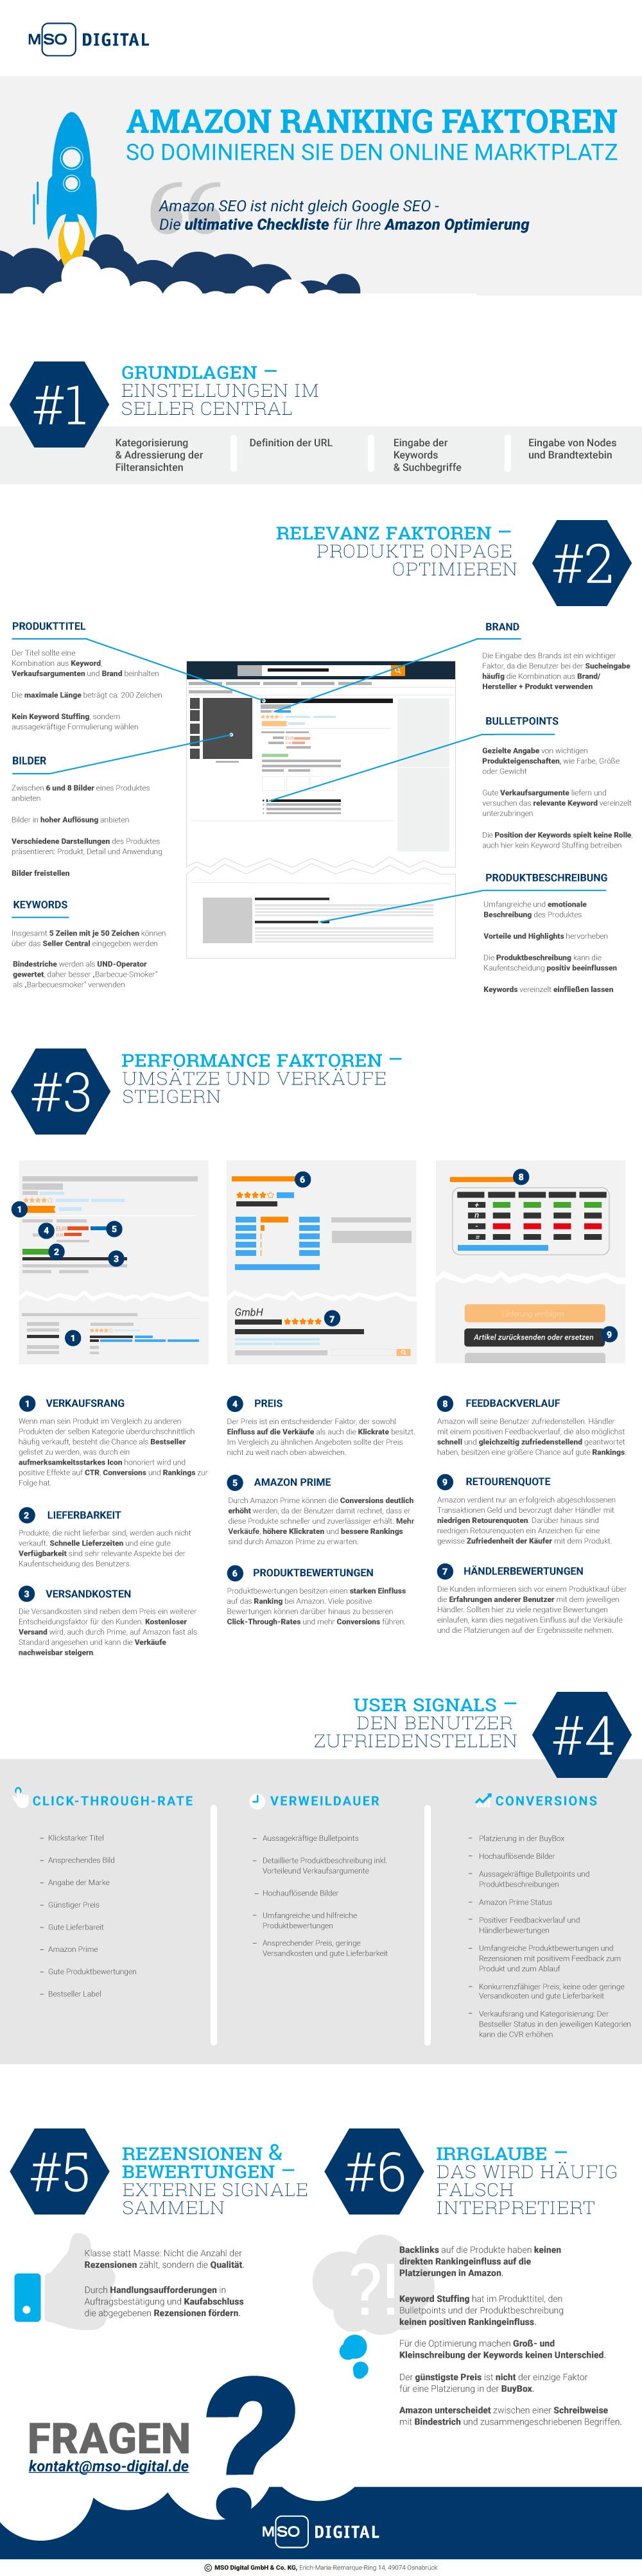 Amazon Ranking Faktoren - So dominieren Sie den Online Marktplatz